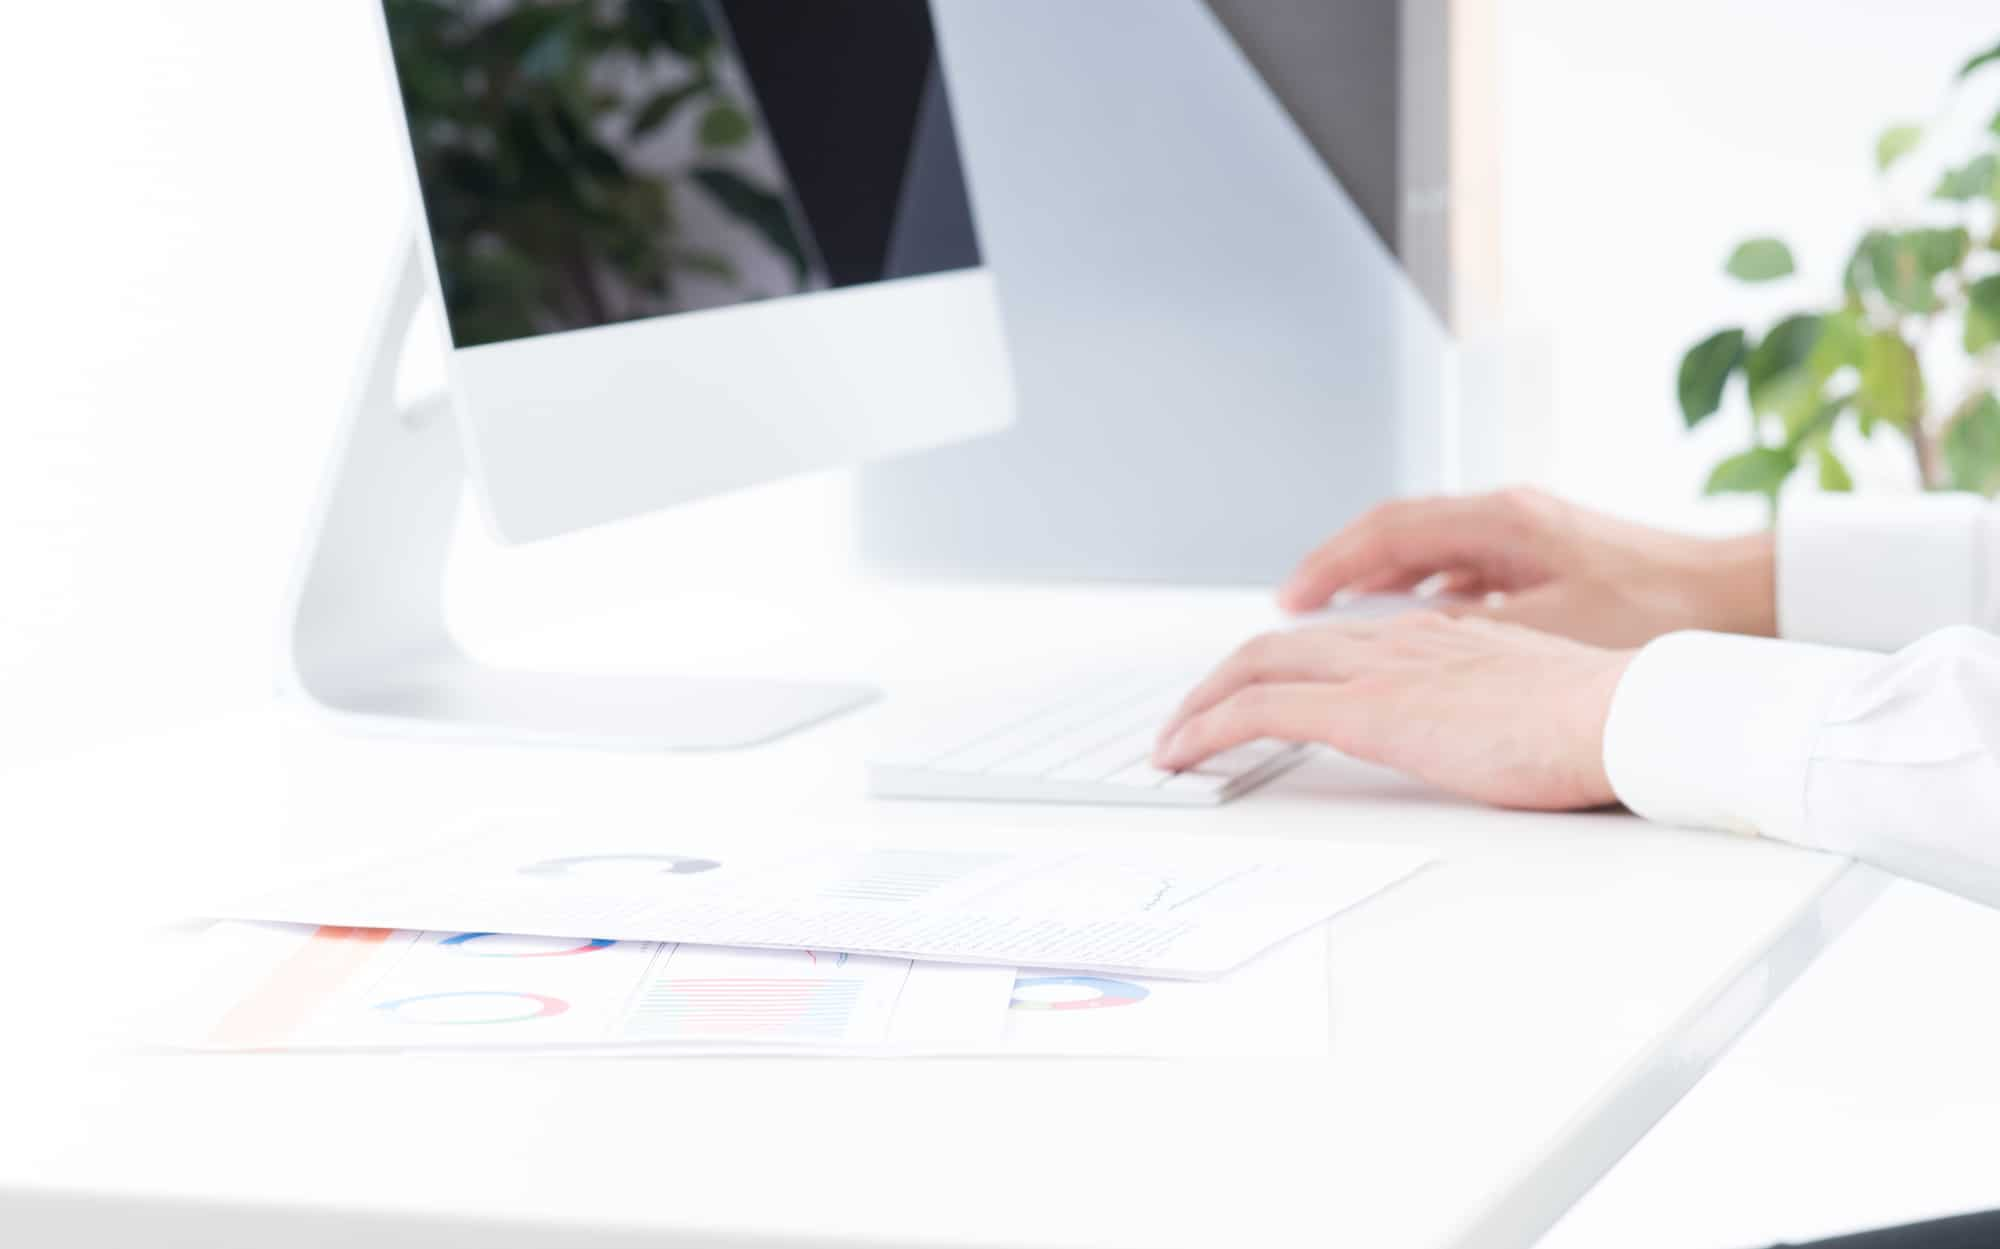 パソコンを操作している男性